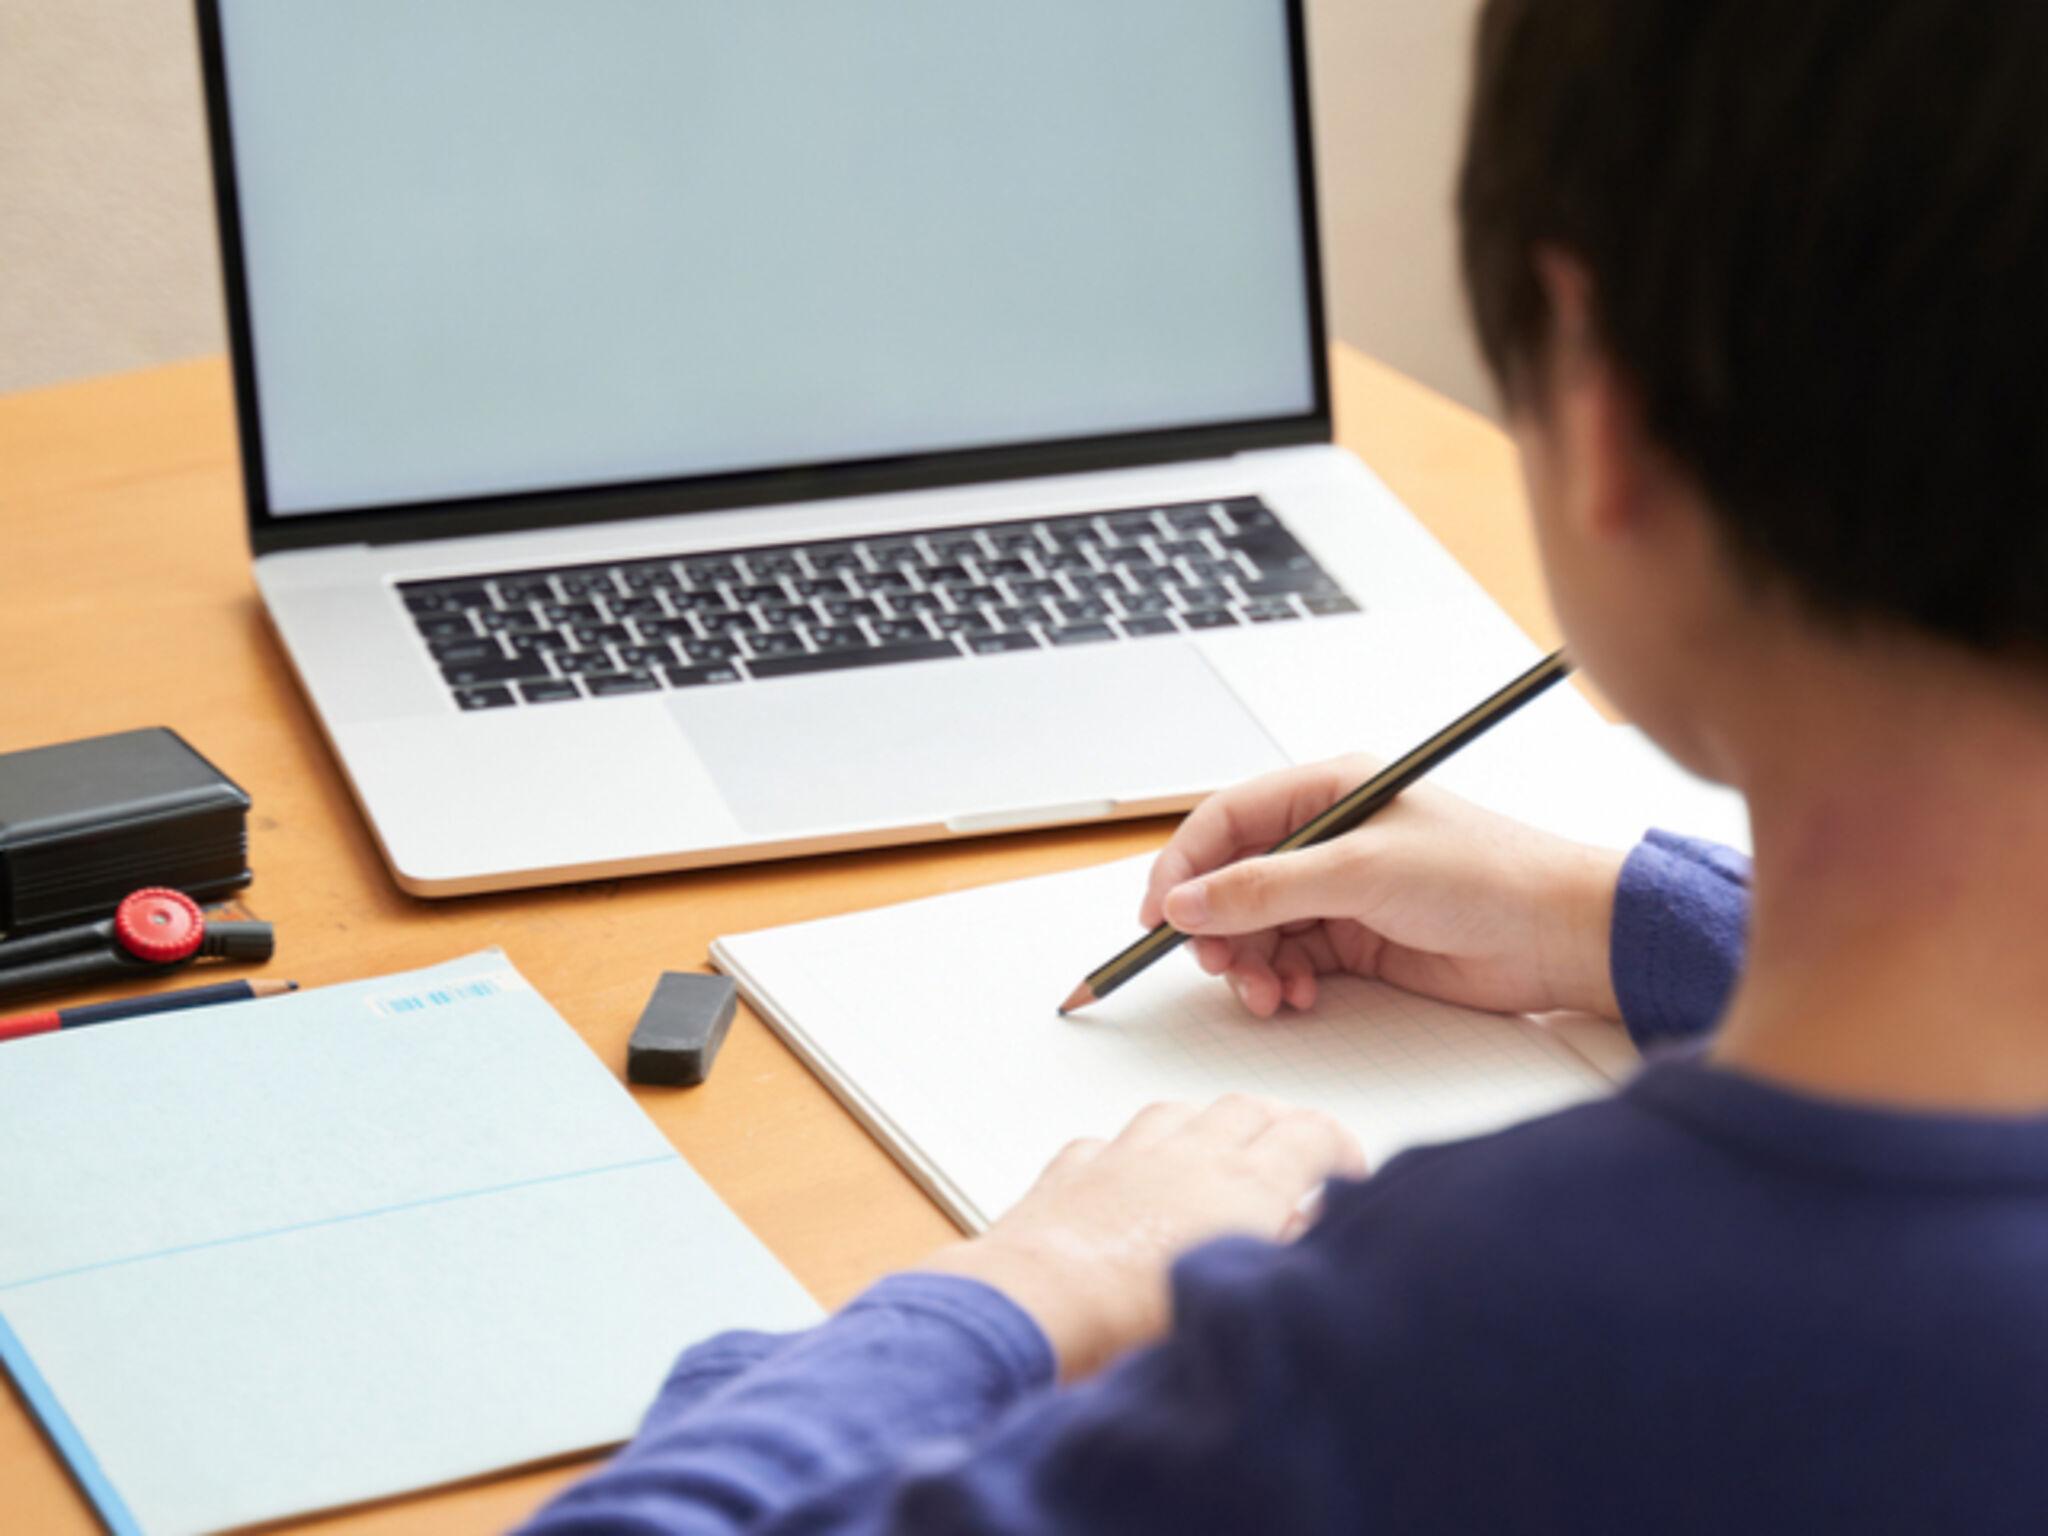 オンライン授業を受講している中学生の画像